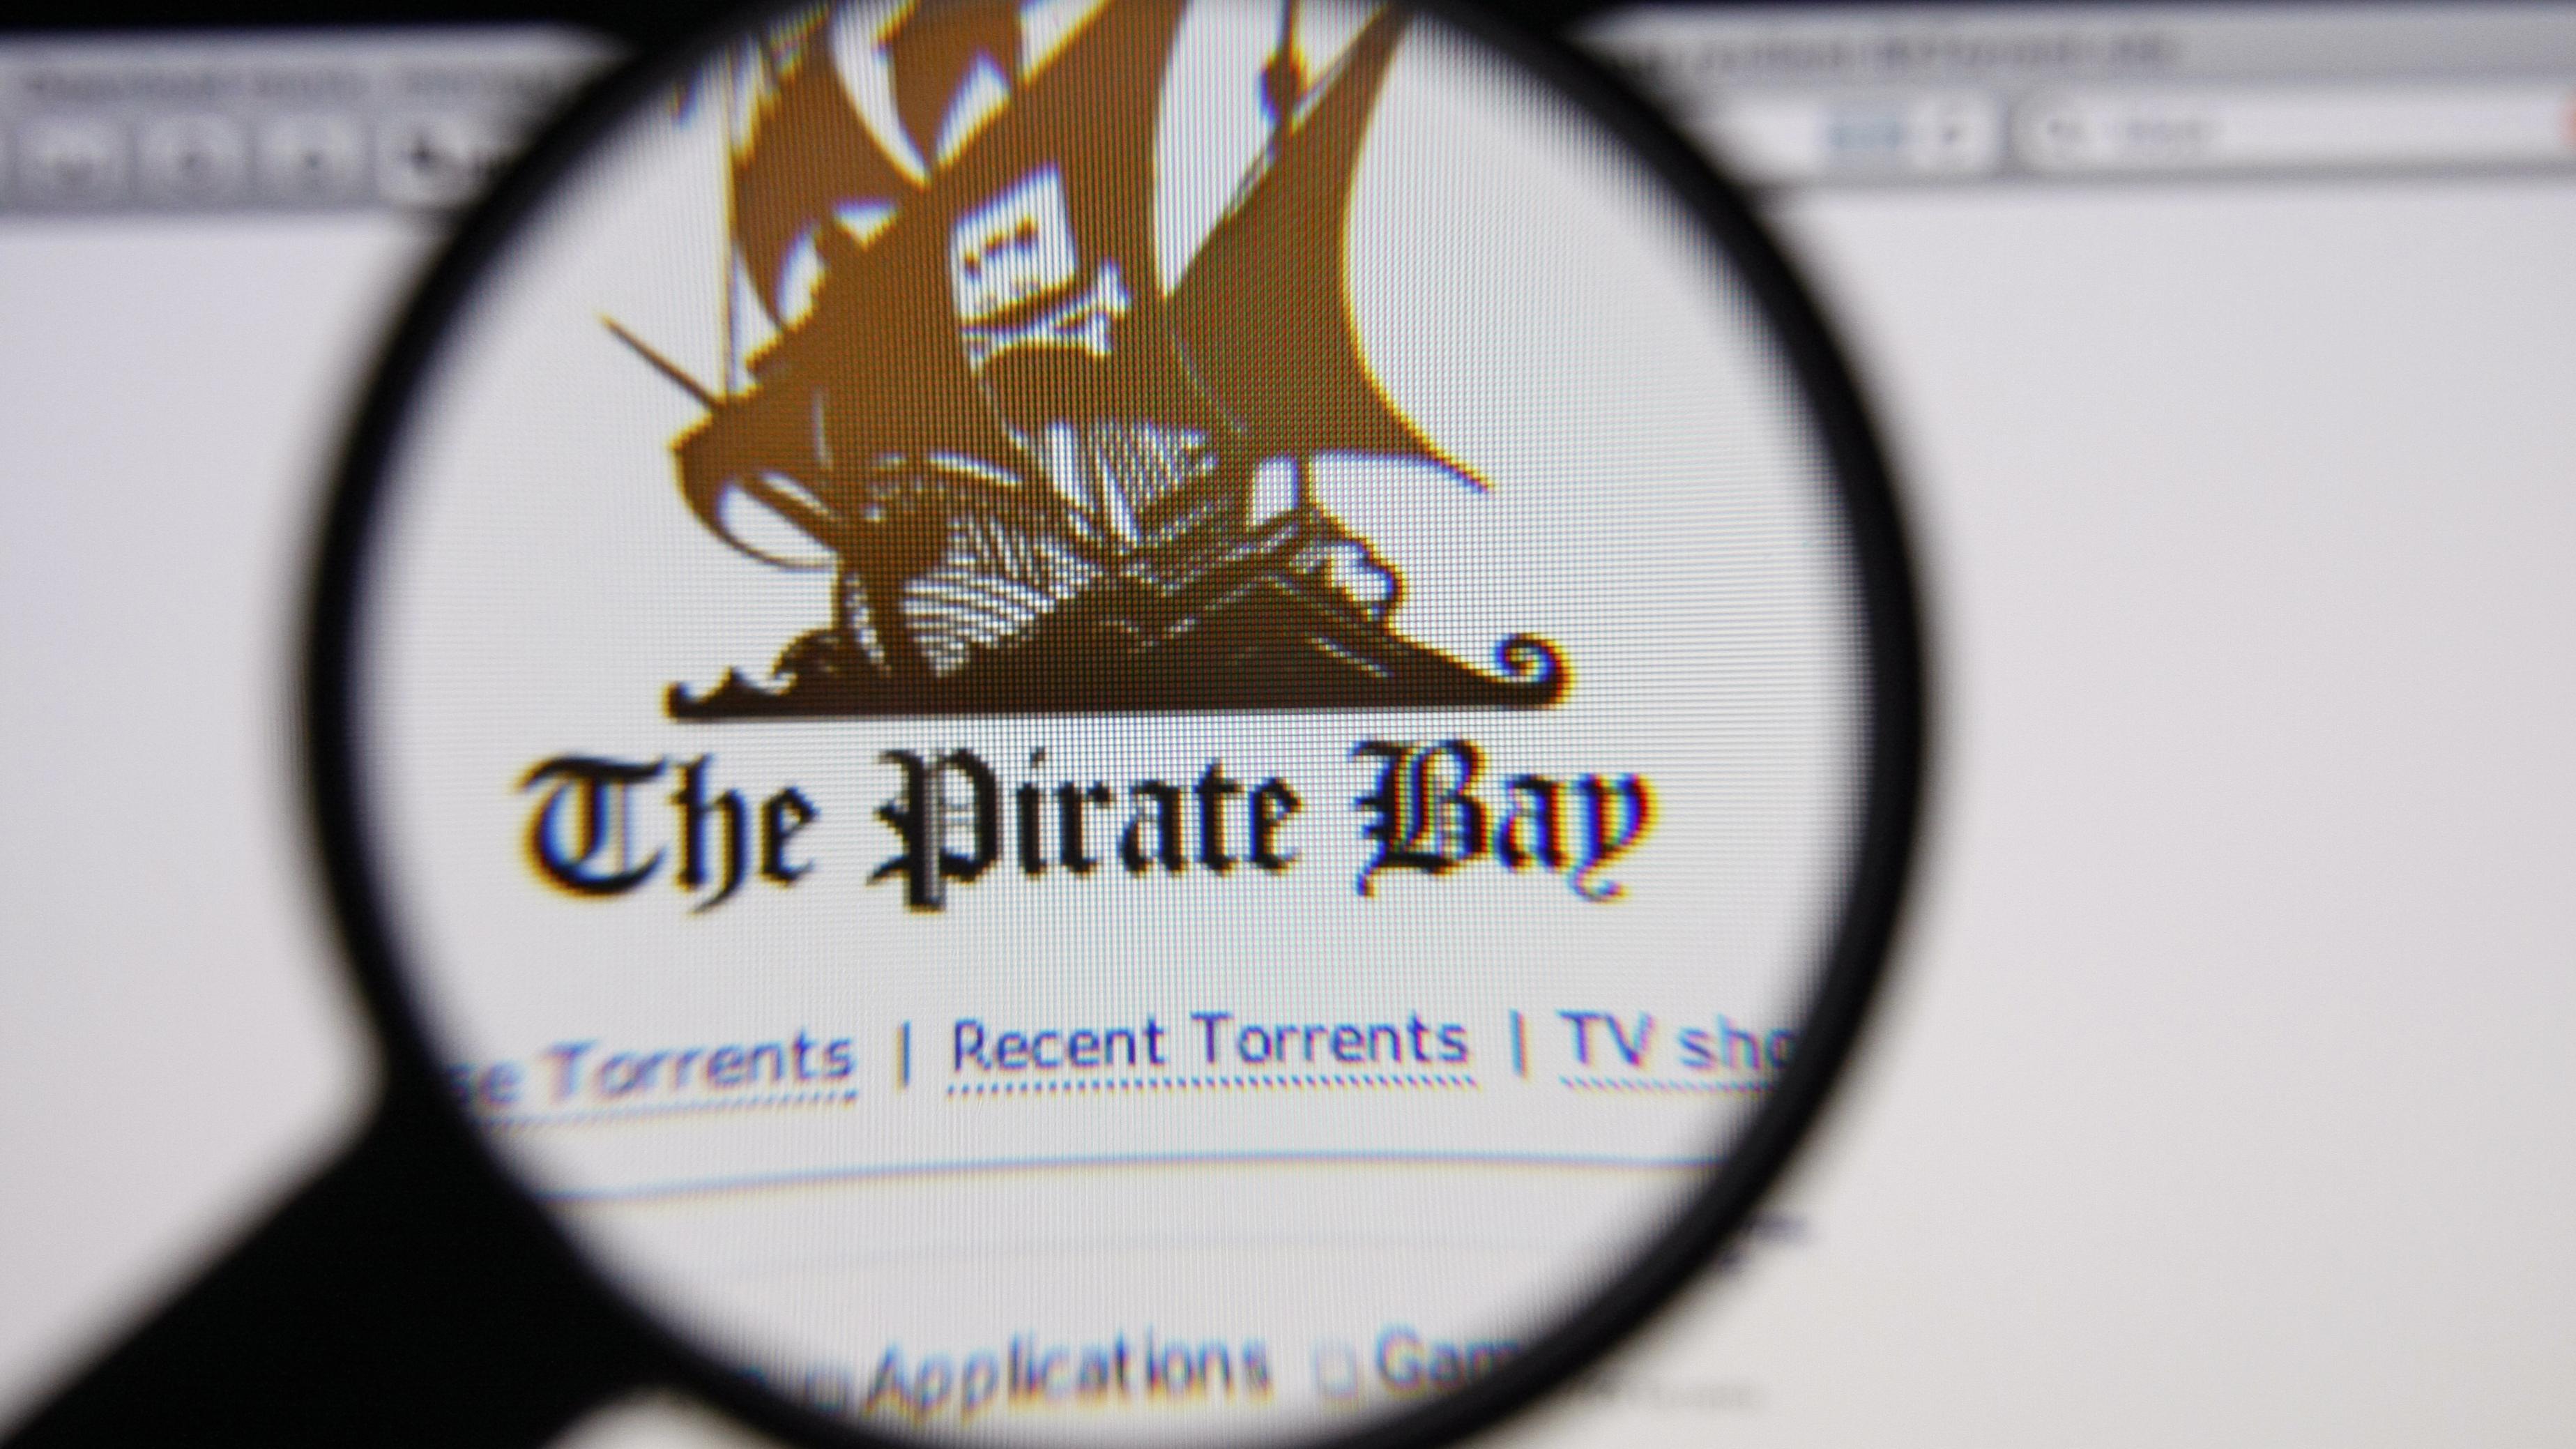 Besøker du The Pirate Bay blir PC-en din brukt til å grave etter kryptovaluta